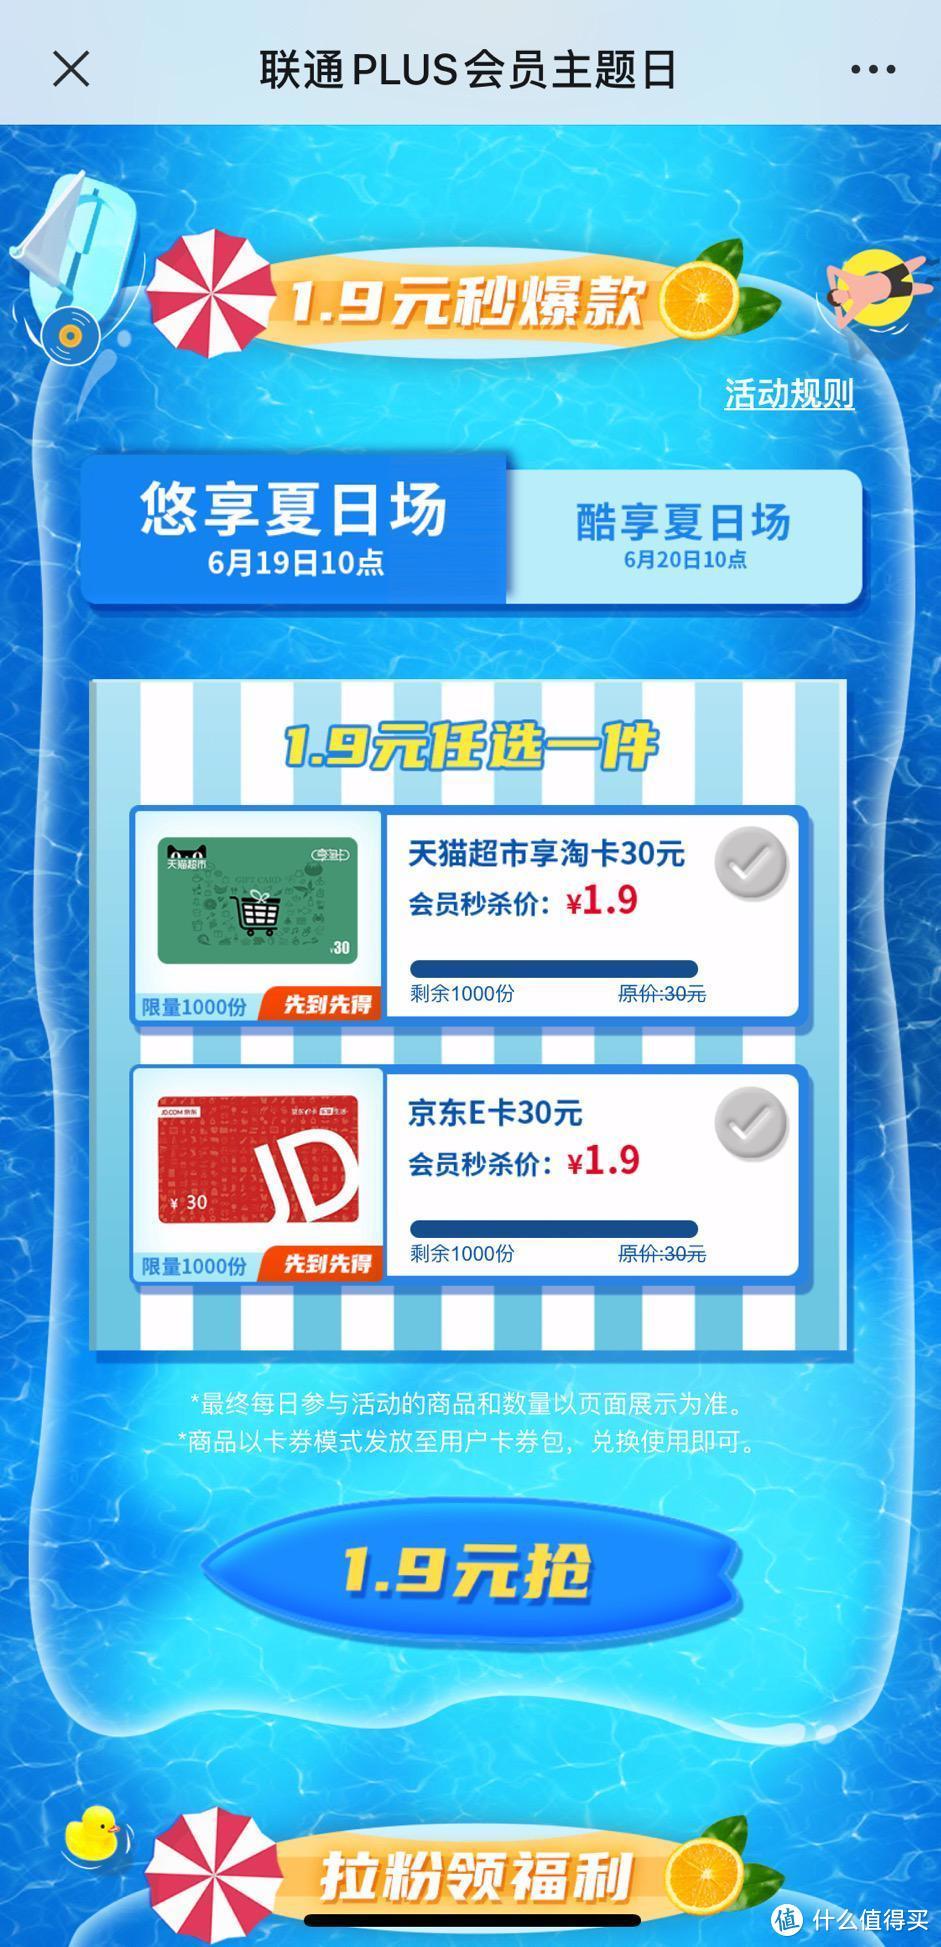 ¥99的京东PLUS会员+ 全平台视频会员?我终于找到了一张万能卡?